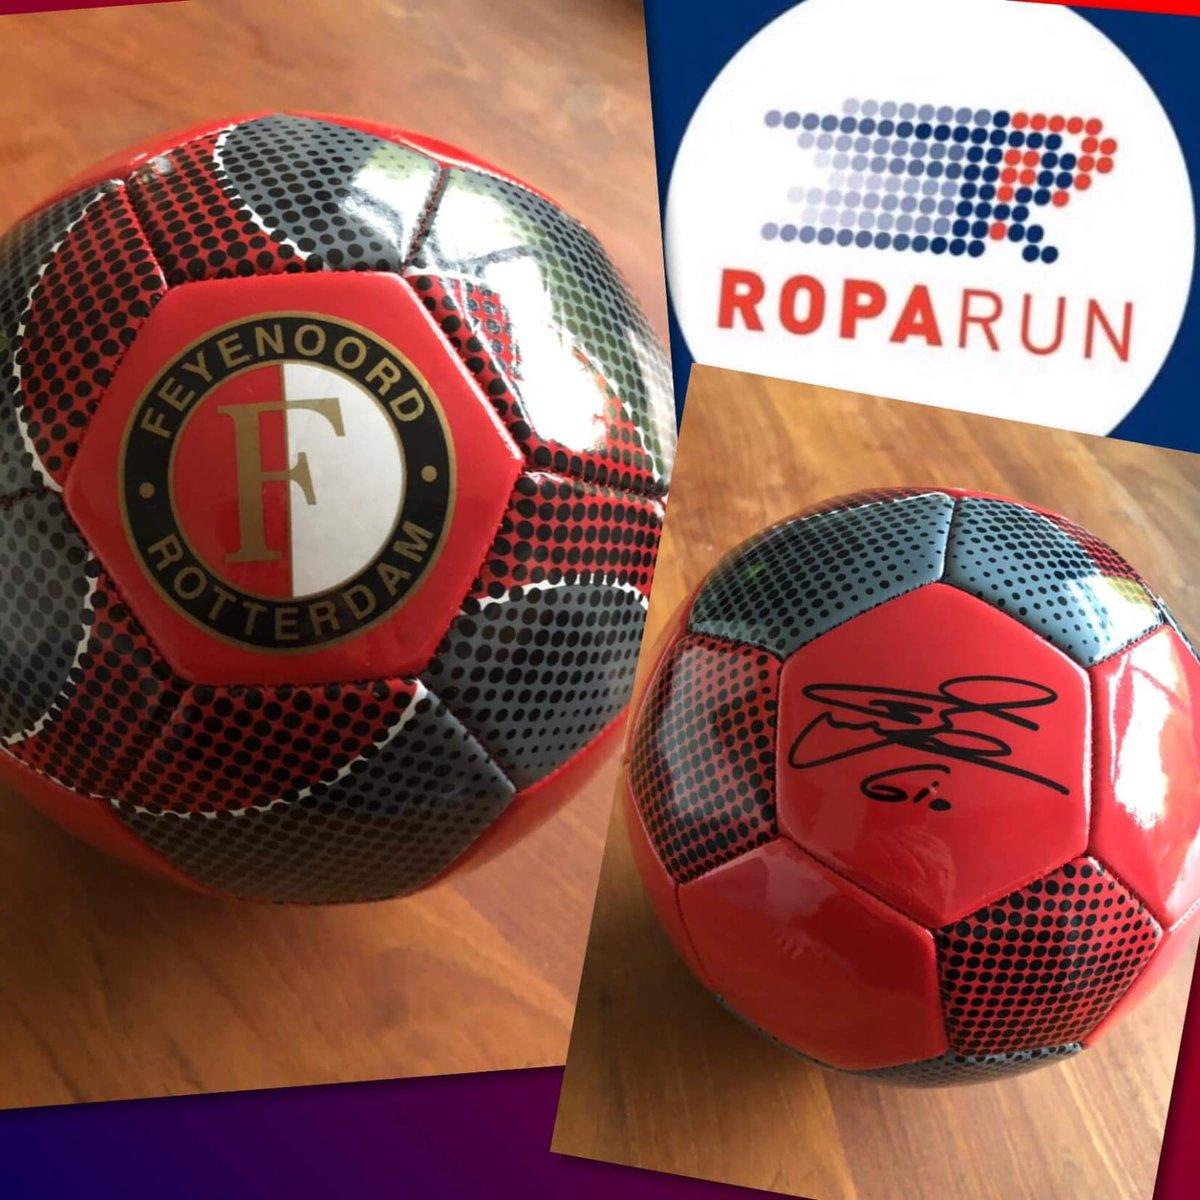 Deze bal word verkocht aan de hoogste bieder.  Het geld is dan voor het goede doel. #roparun #team258 @Truckland / @HEBOMaritiem  #Feyenoord #giobedankt https://t.co/ukPWM3ajTV